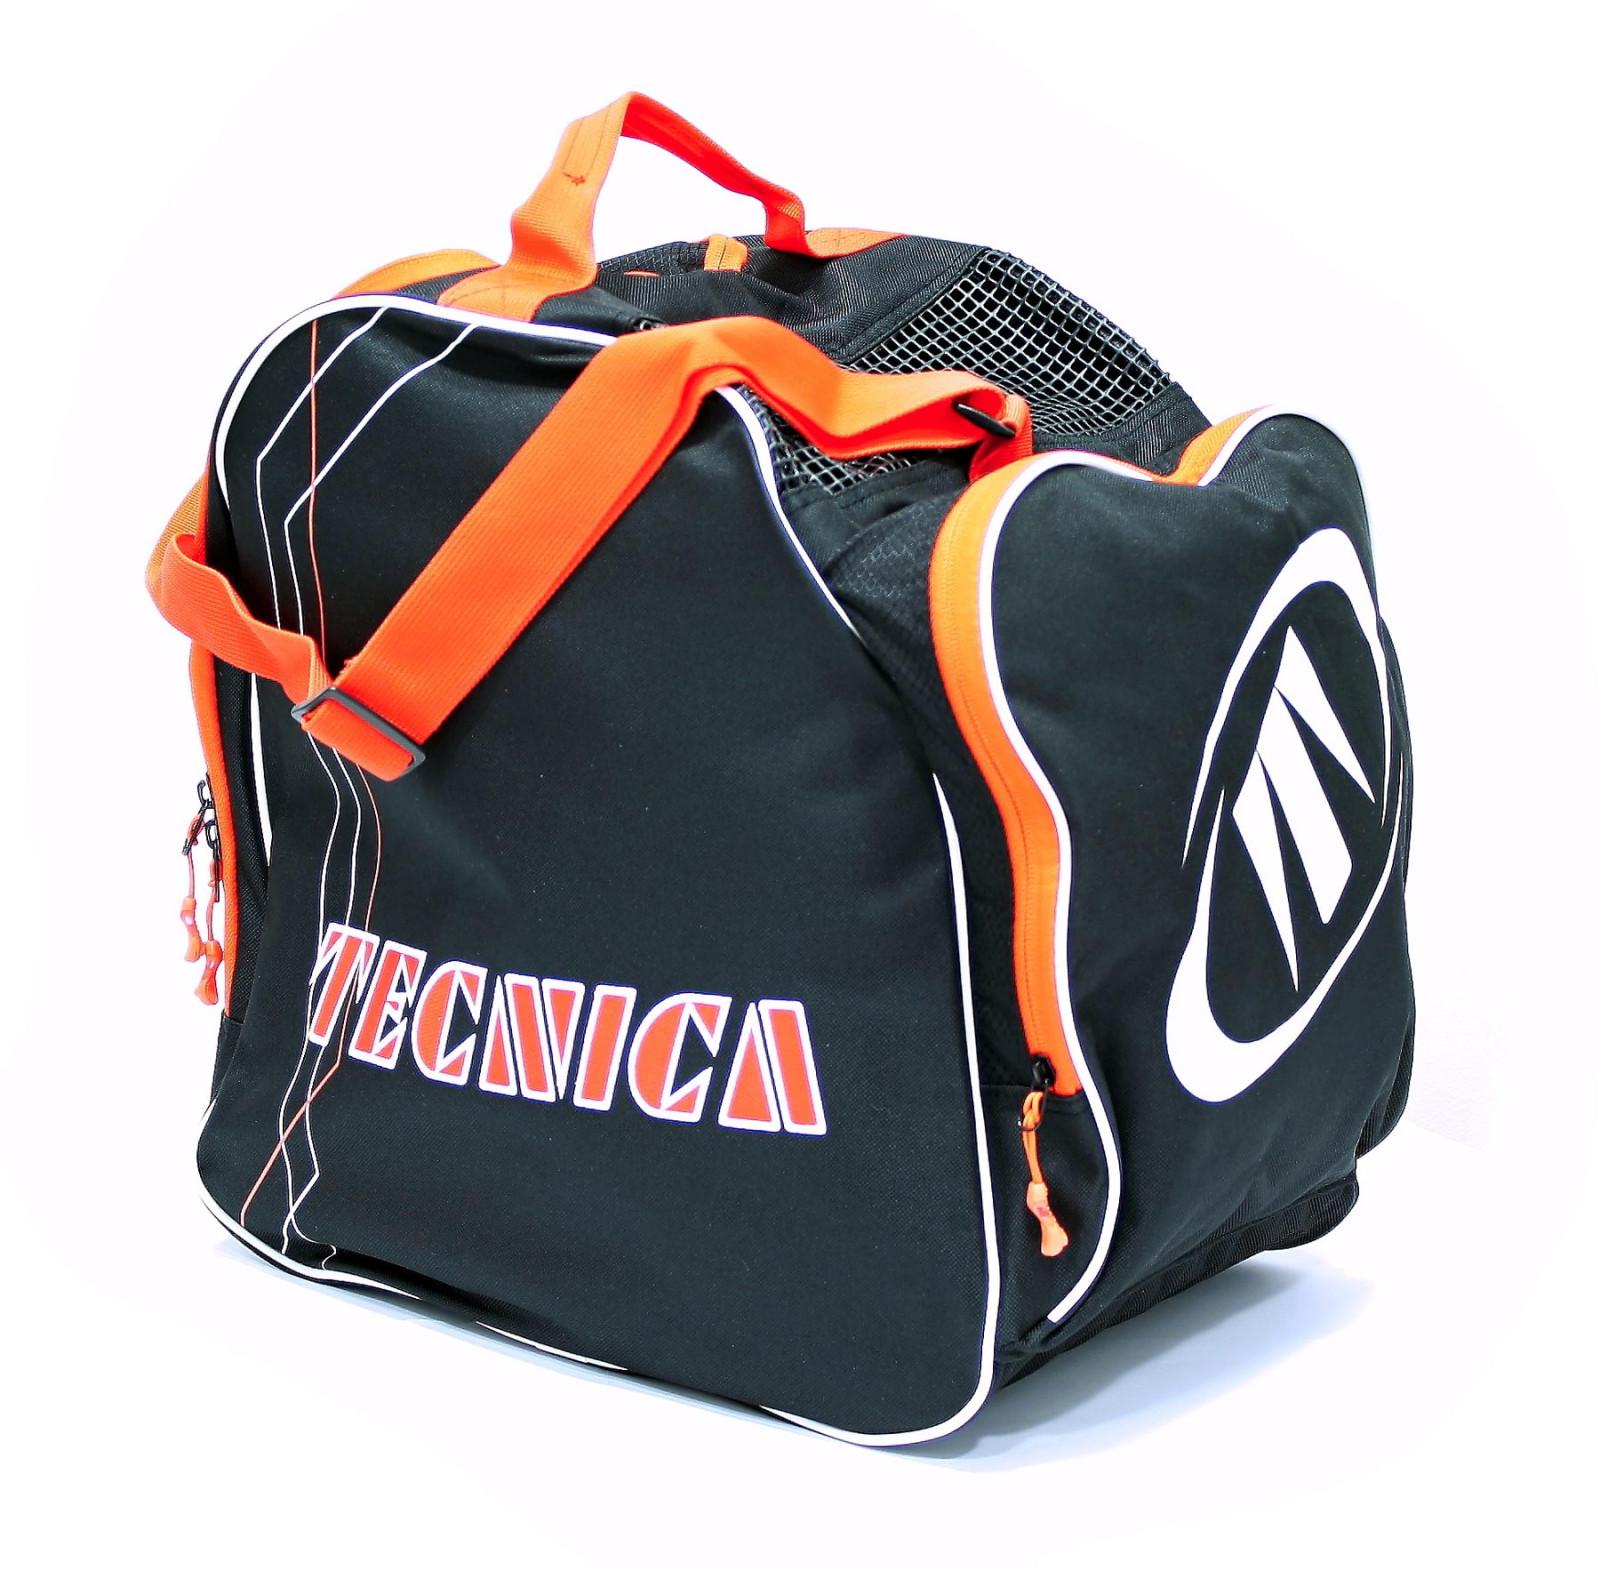 taška na lyžařské boty Tecnica Skiboot Bag Premium